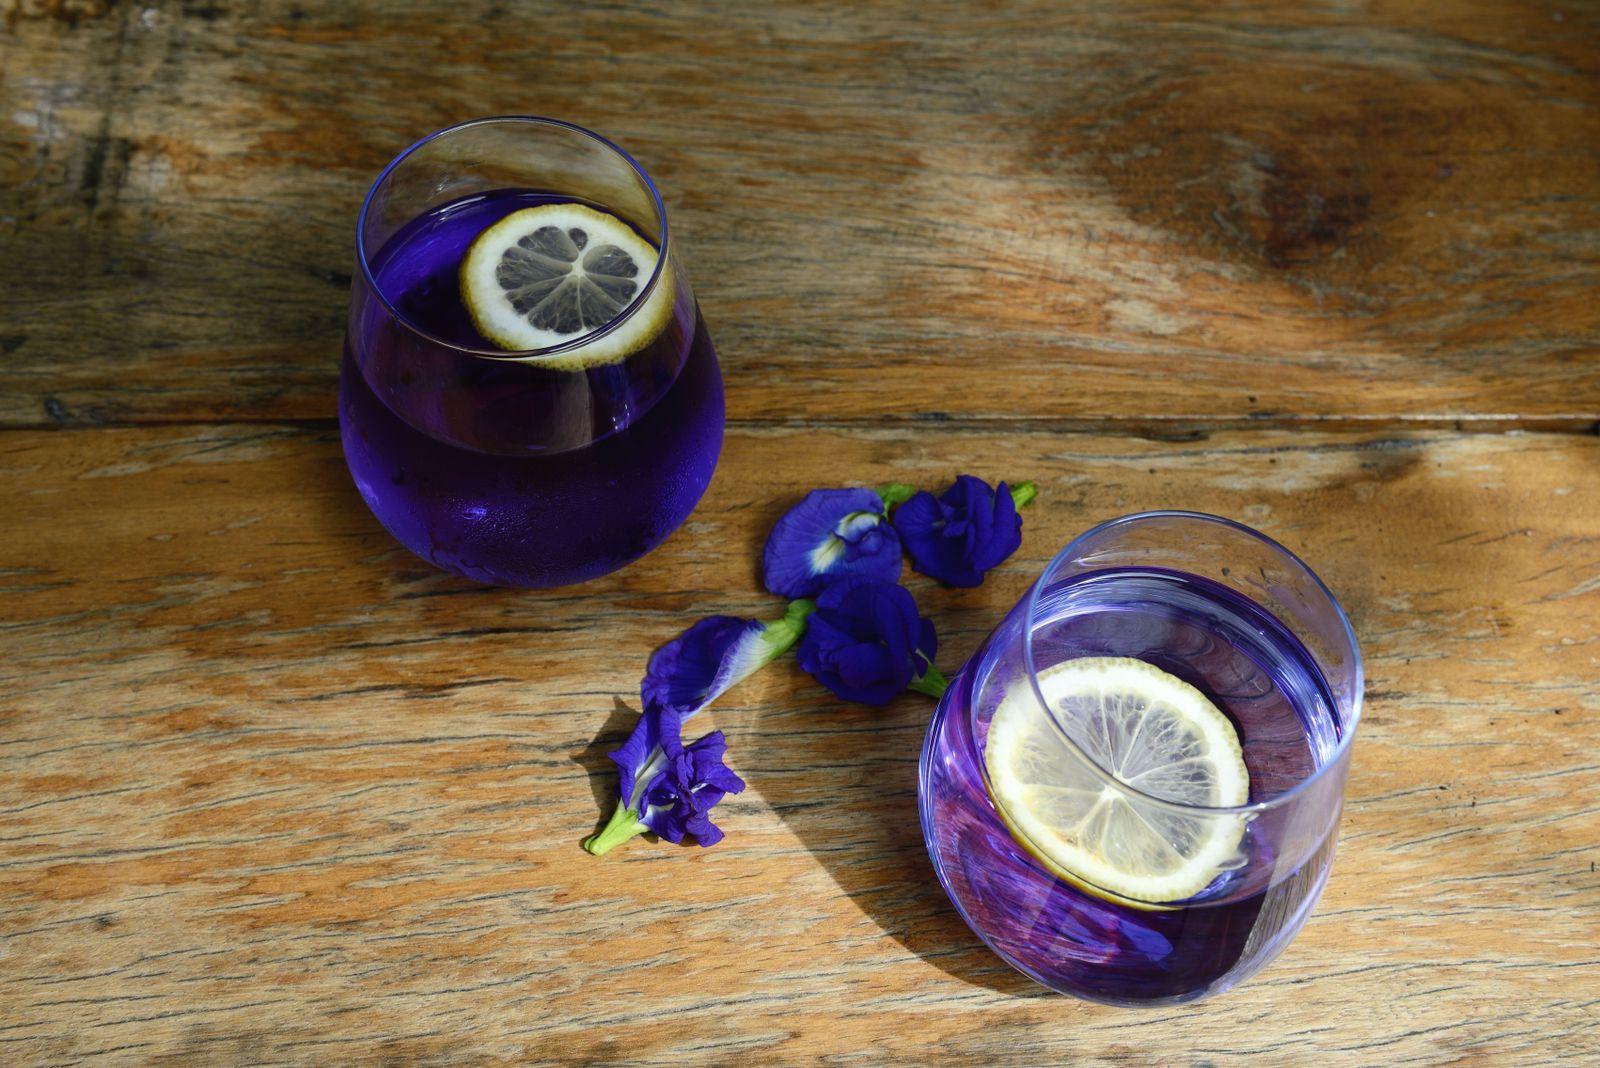 Blue pea flower tea with lemon in glasses